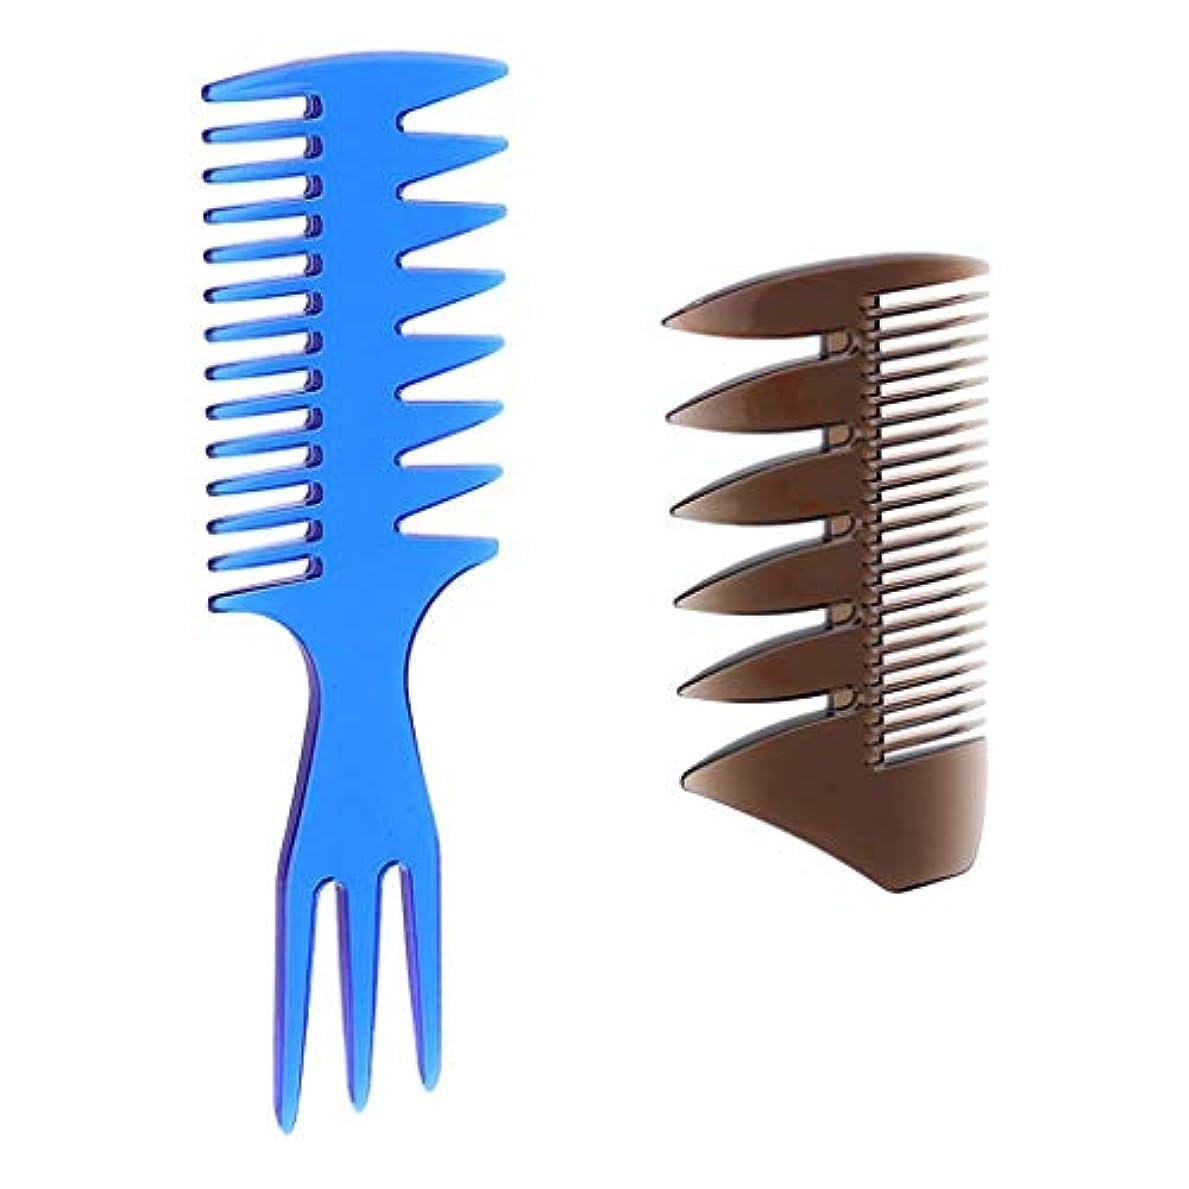 ランデブー届ける破産yang dexing 3-in-1櫛 2-in-1櫛 ヘアサロン 髪の櫛 静電気防止櫛 2個品質いい